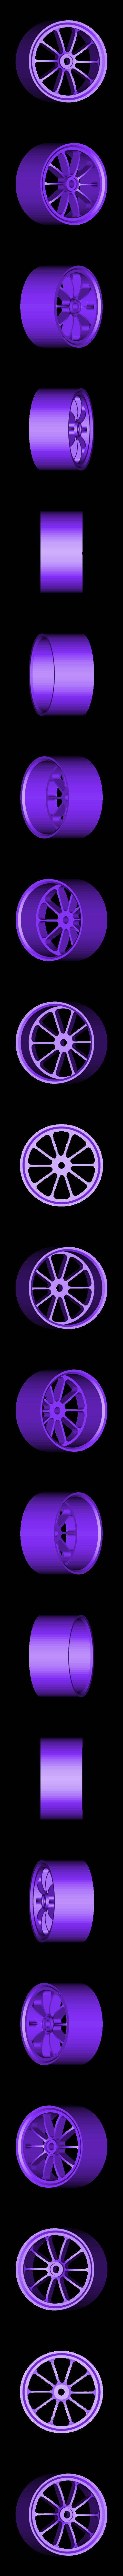 rear_rim_.stl Télécharger fichier STL gratuit 2016 Ducati Draxter Concept Drag Bike RC • Design à imprimer en 3D, brett